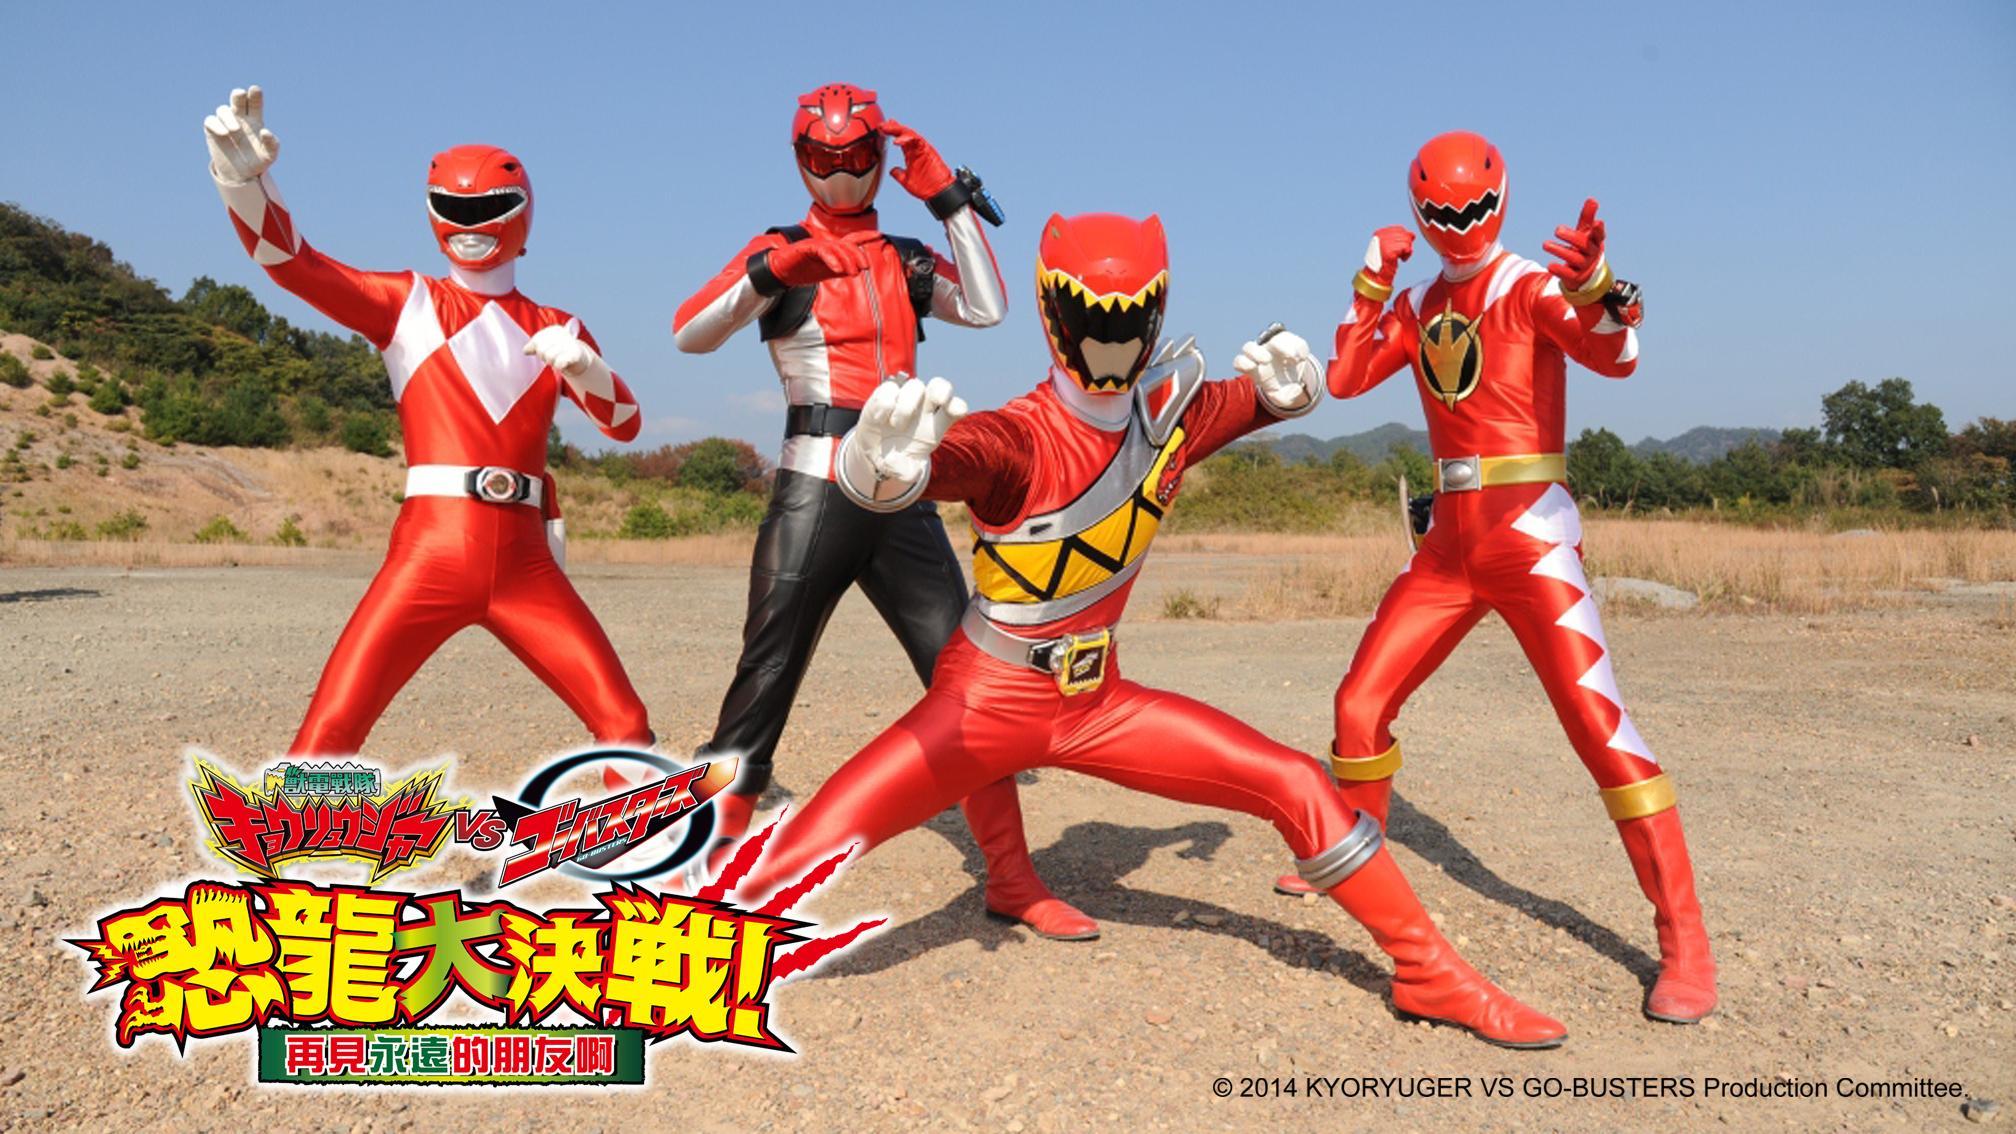 獸電戰隊強龍者 VS Go Busters 恐龍大決戰! 再見永遠的朋友啊(中)劇照 1